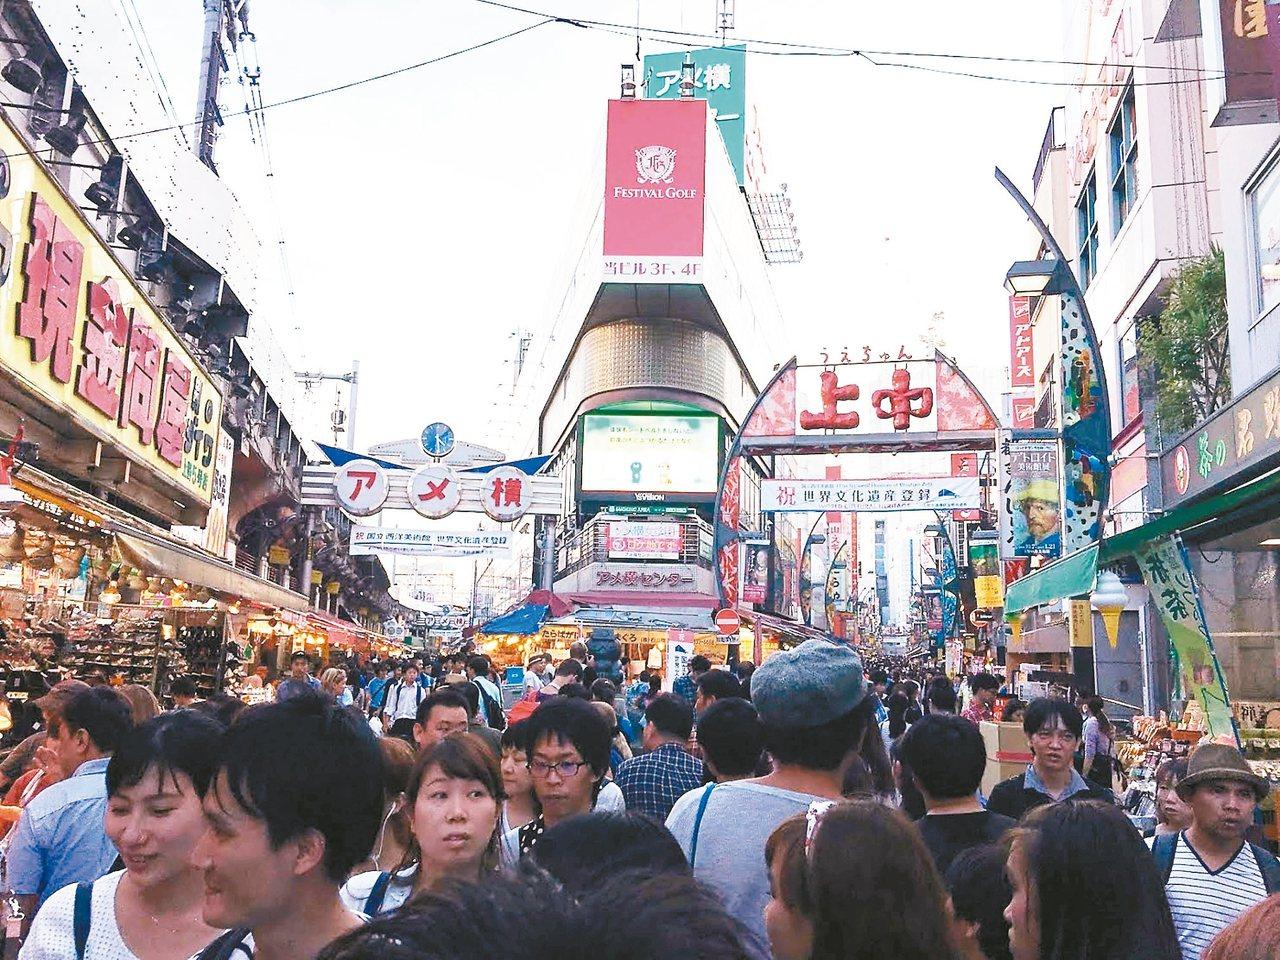 日本為了刺激觀光買氣,有意放寬免稅門檻。